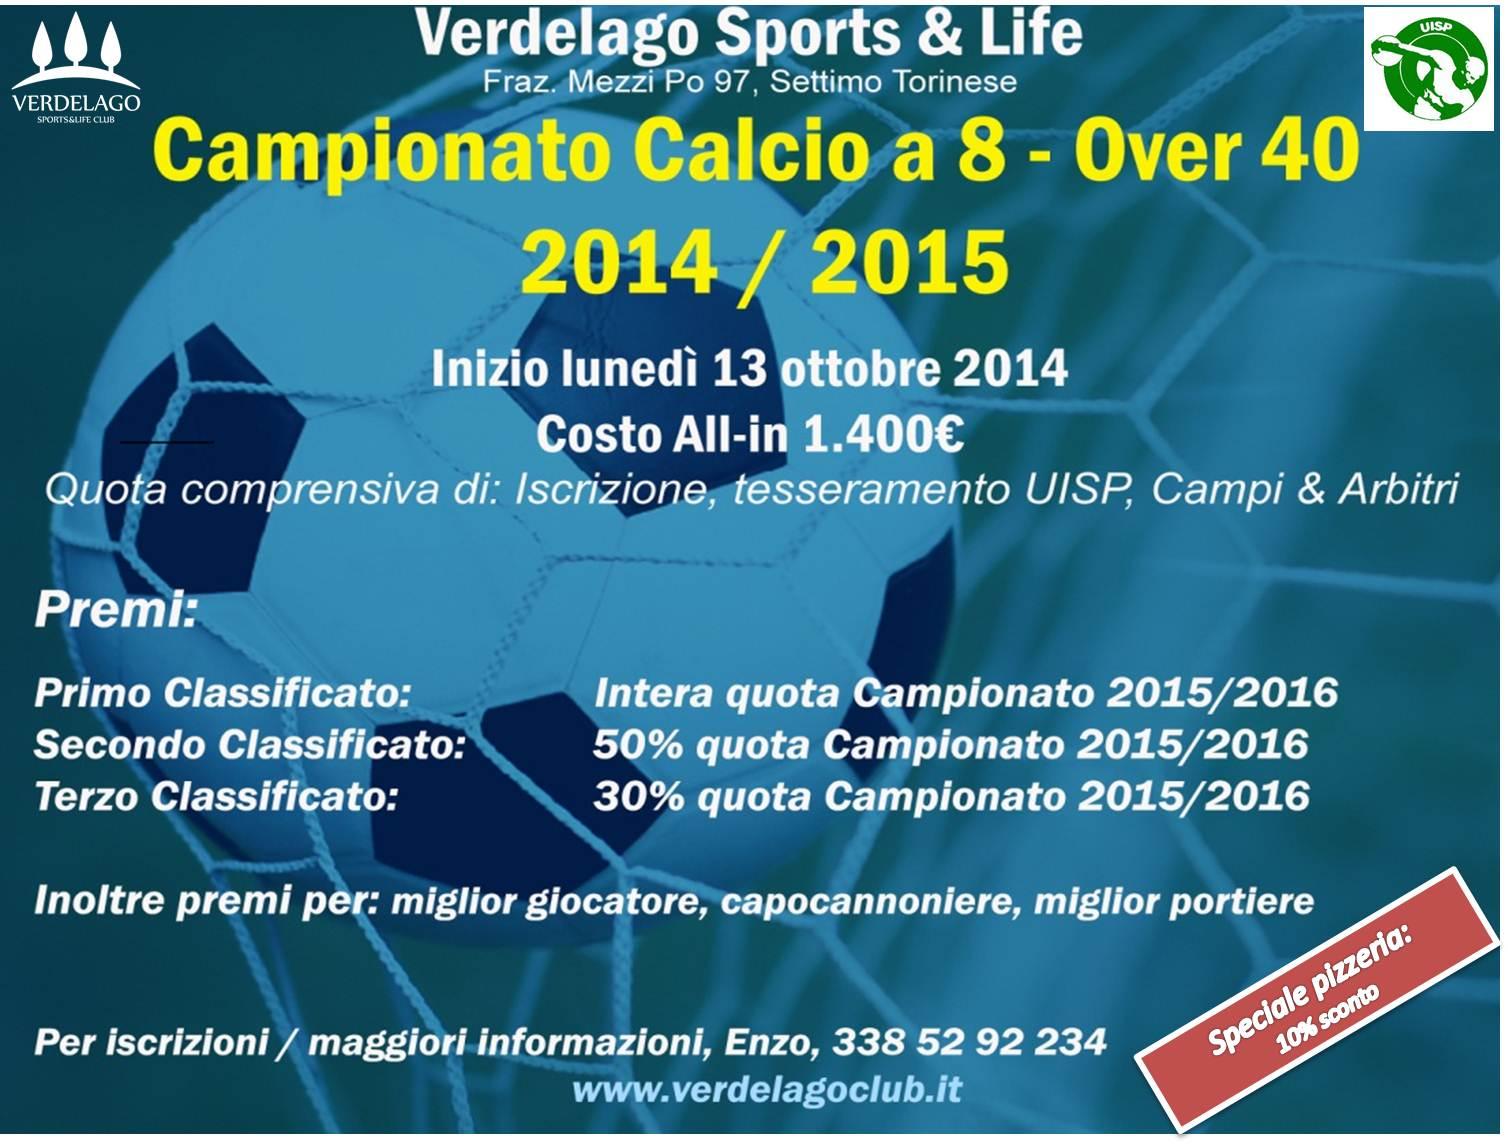 Locandina calcio 8 over 40 finale